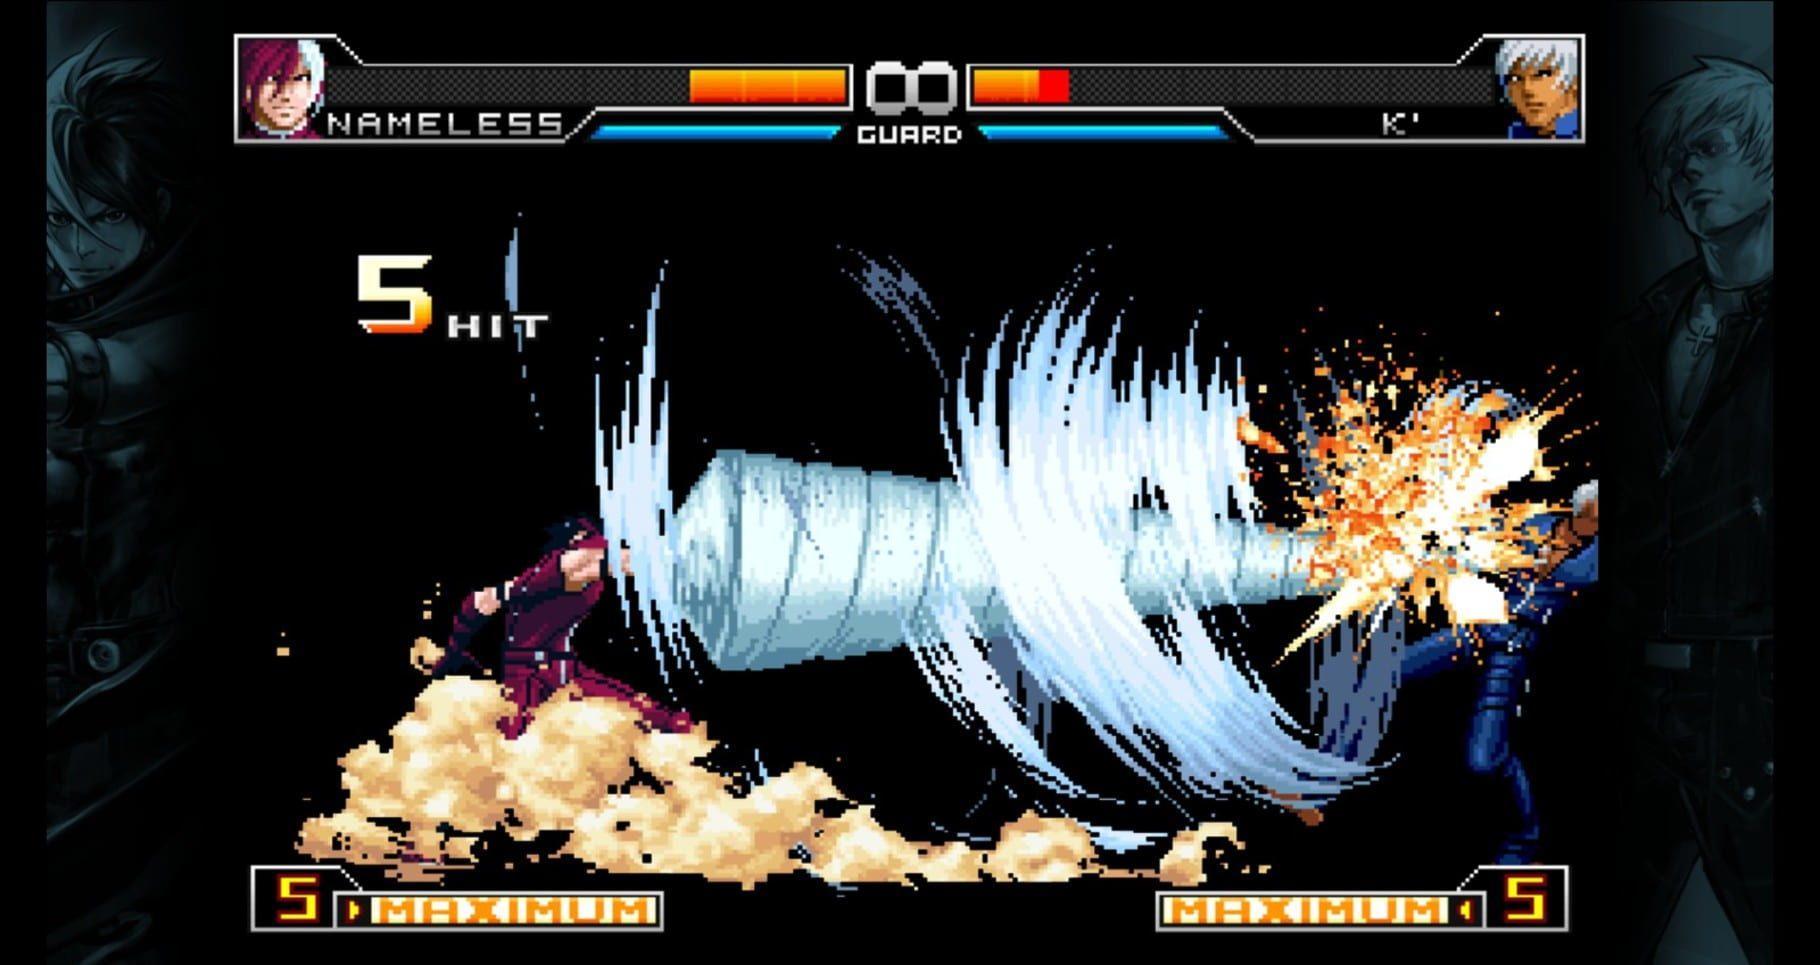 《拳皇 2002:终极对决 The King of Fighters 2002: Unlimited Match》英文版百度云迅雷下载20201125